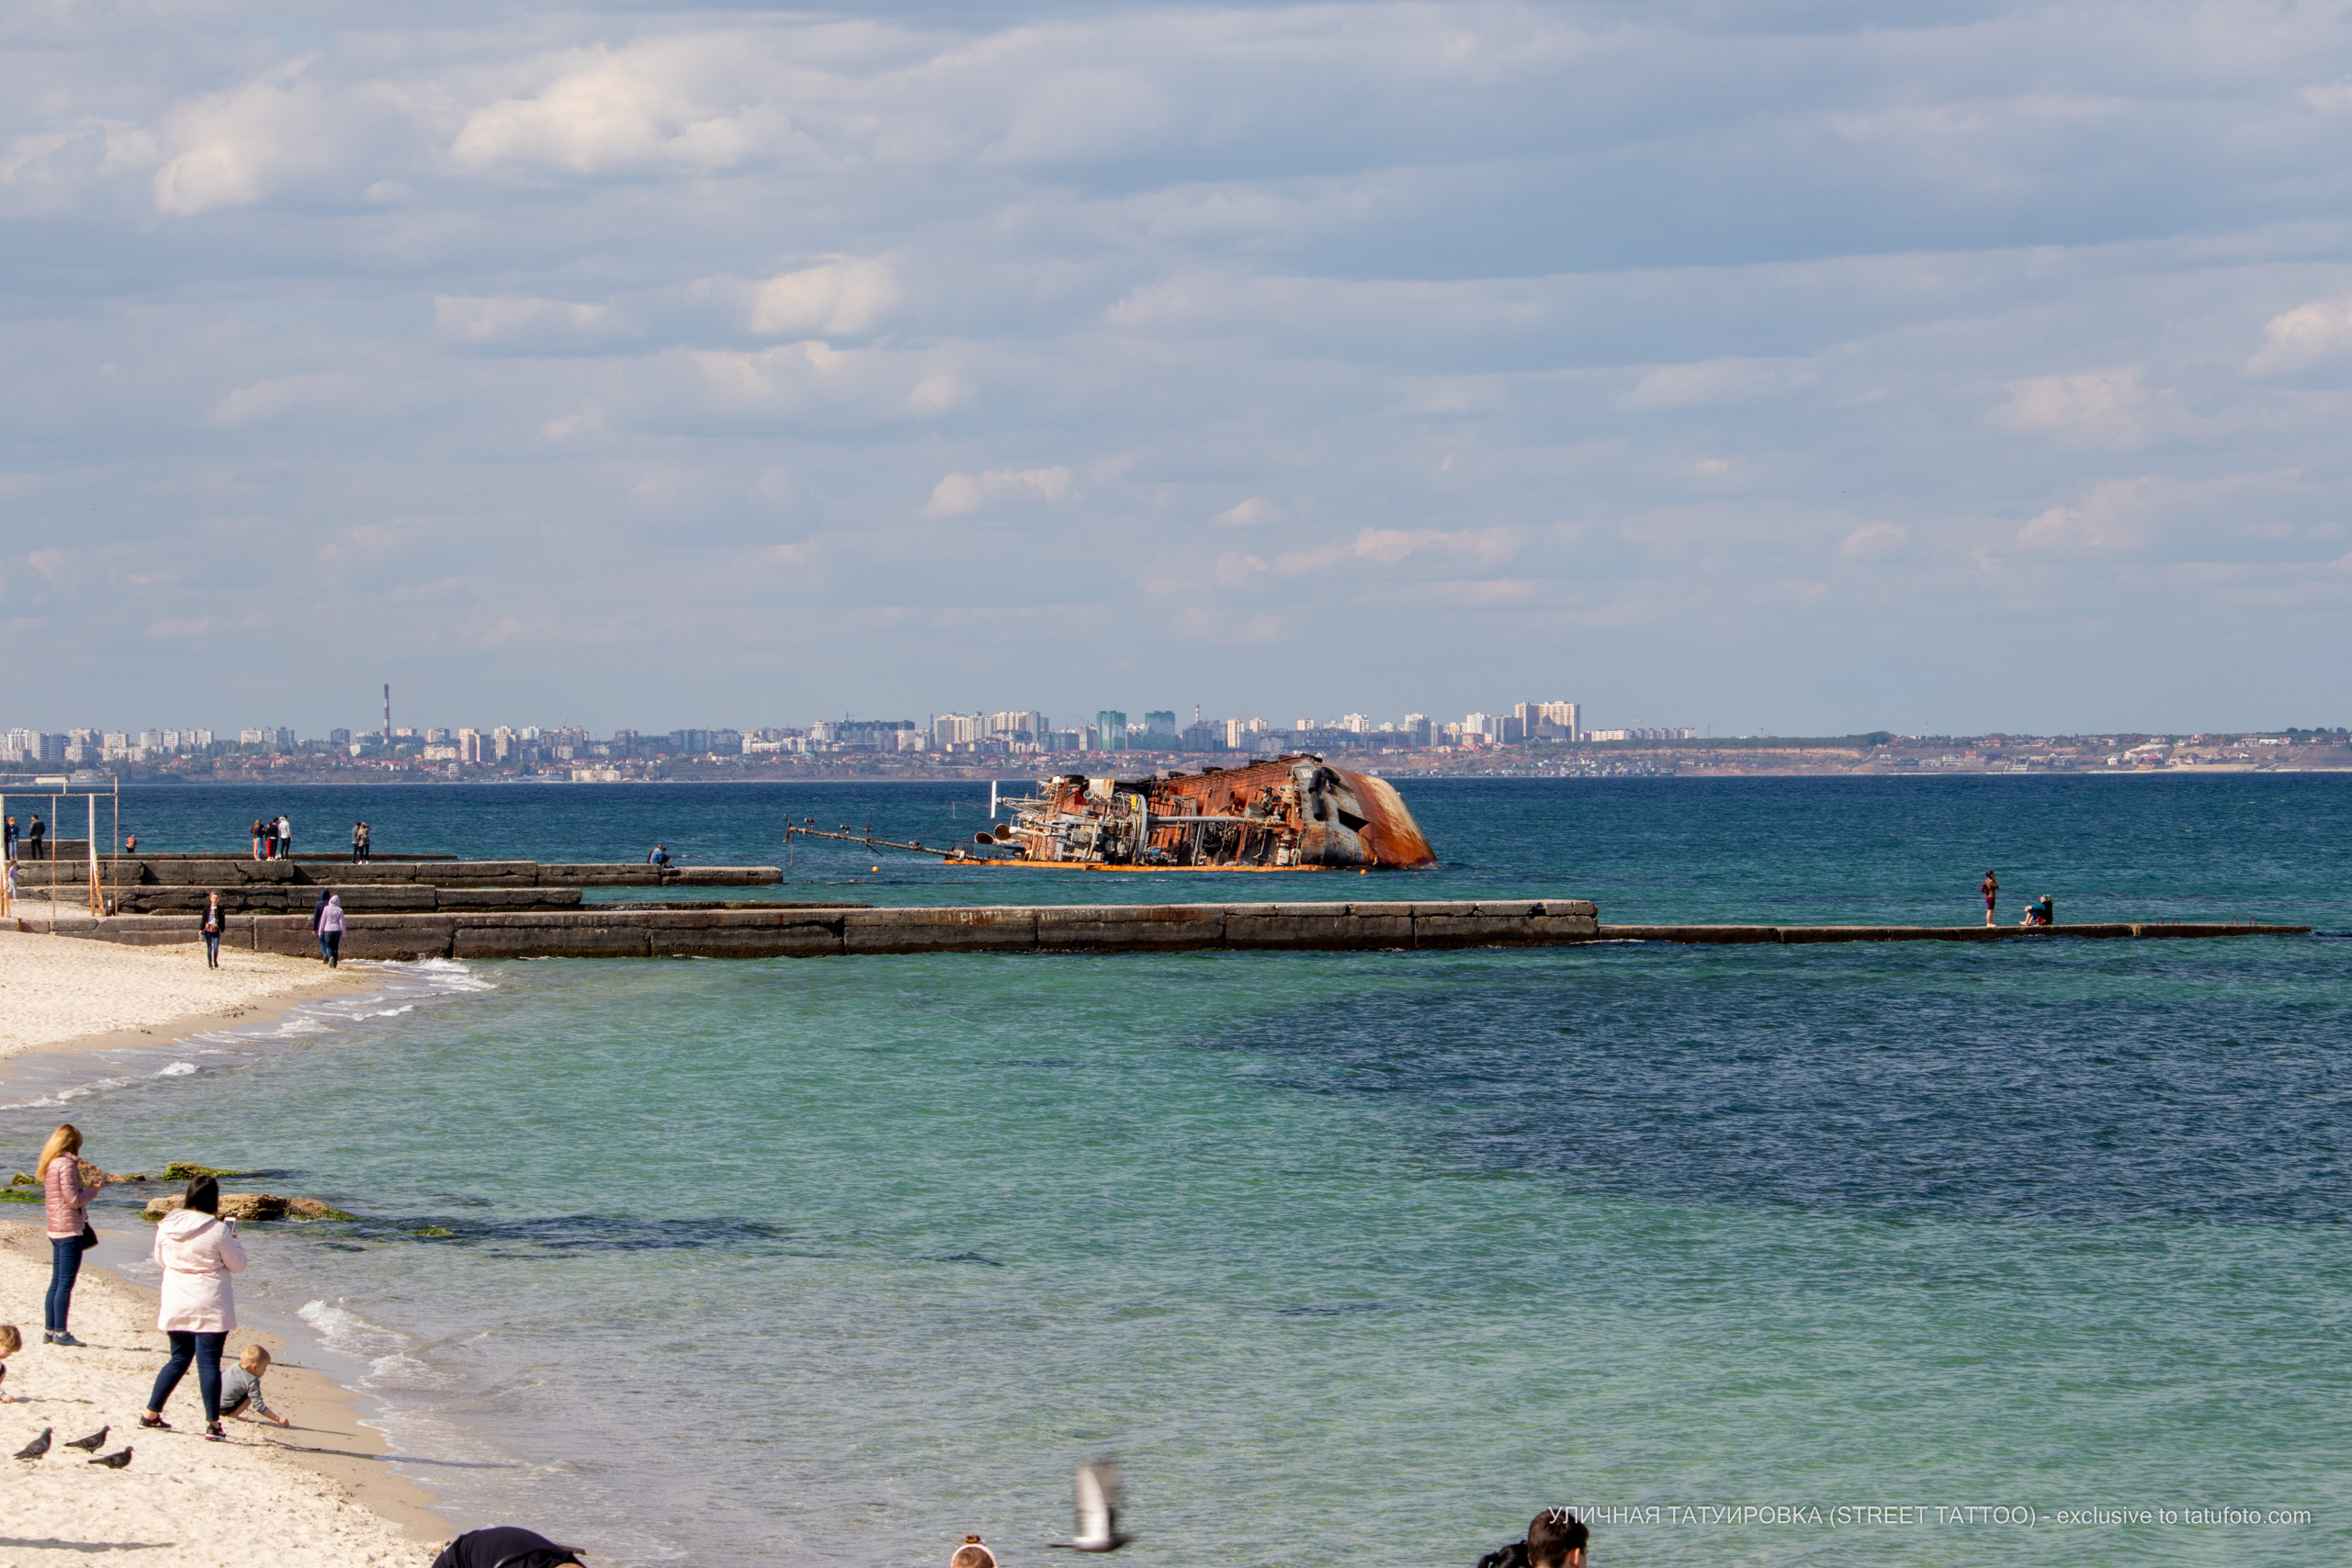 Фото затонувшего судна вынесенного штормом на пляж – 09.05.2020 - Уличная татуировка (Street tattoo) – tatufoto.com 3